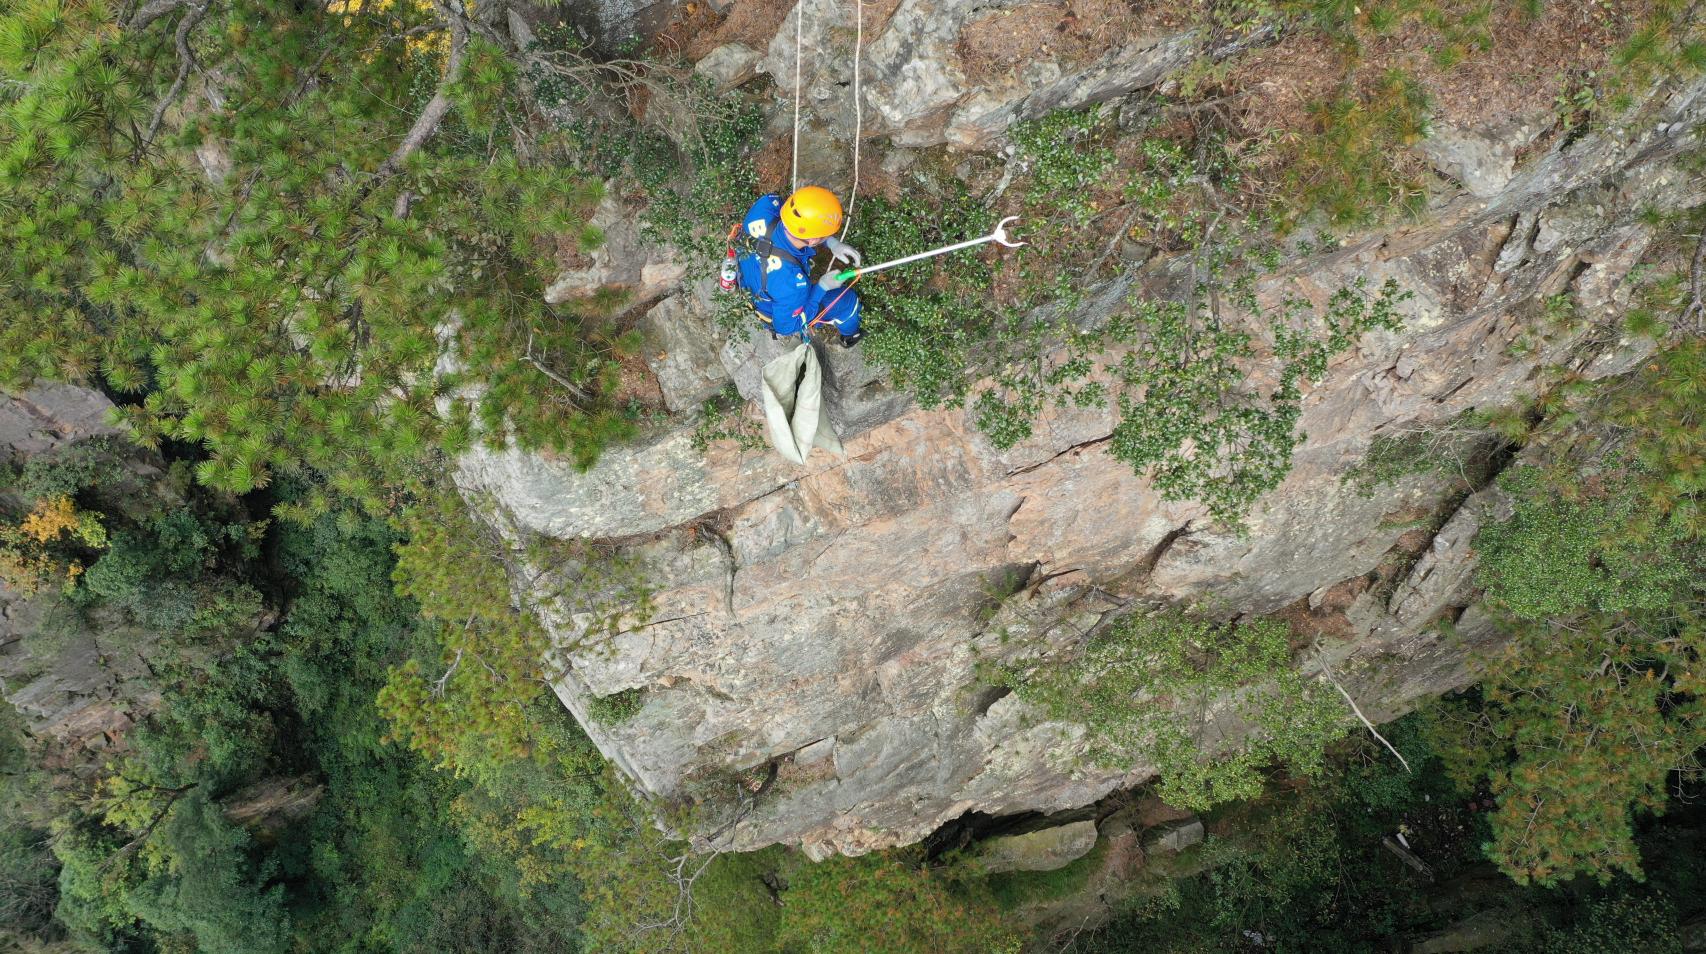 蓝天救援队成员悬崖绝壁上捡拾垃圾:扔起来简单捡起来难